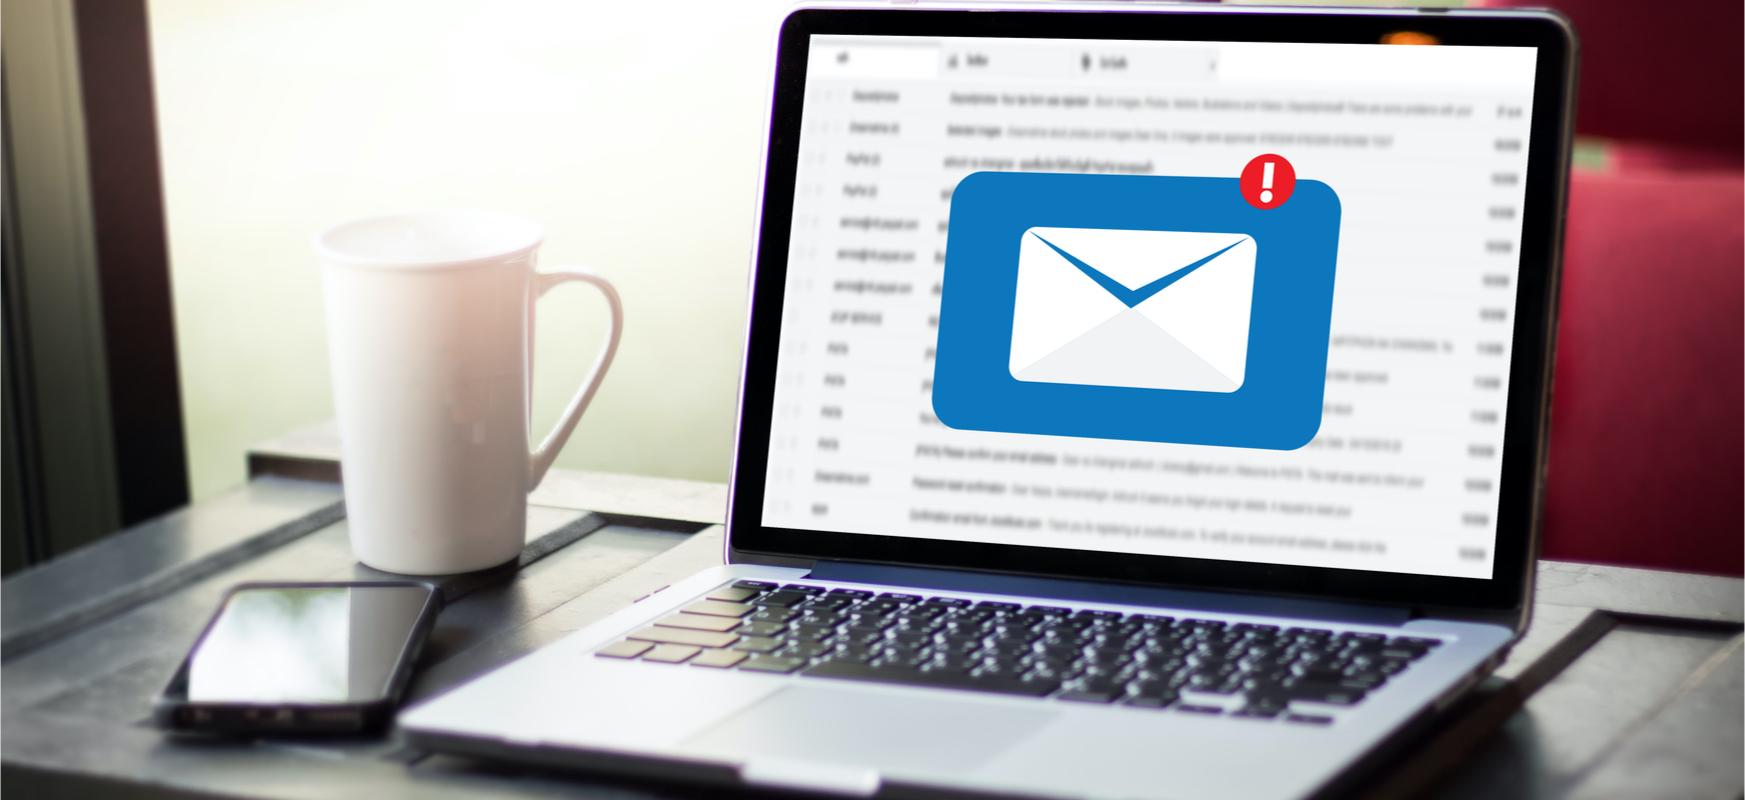 Gmail Windows 10 erabiltzeak mezu elektronikoak galtzea ekar dezake